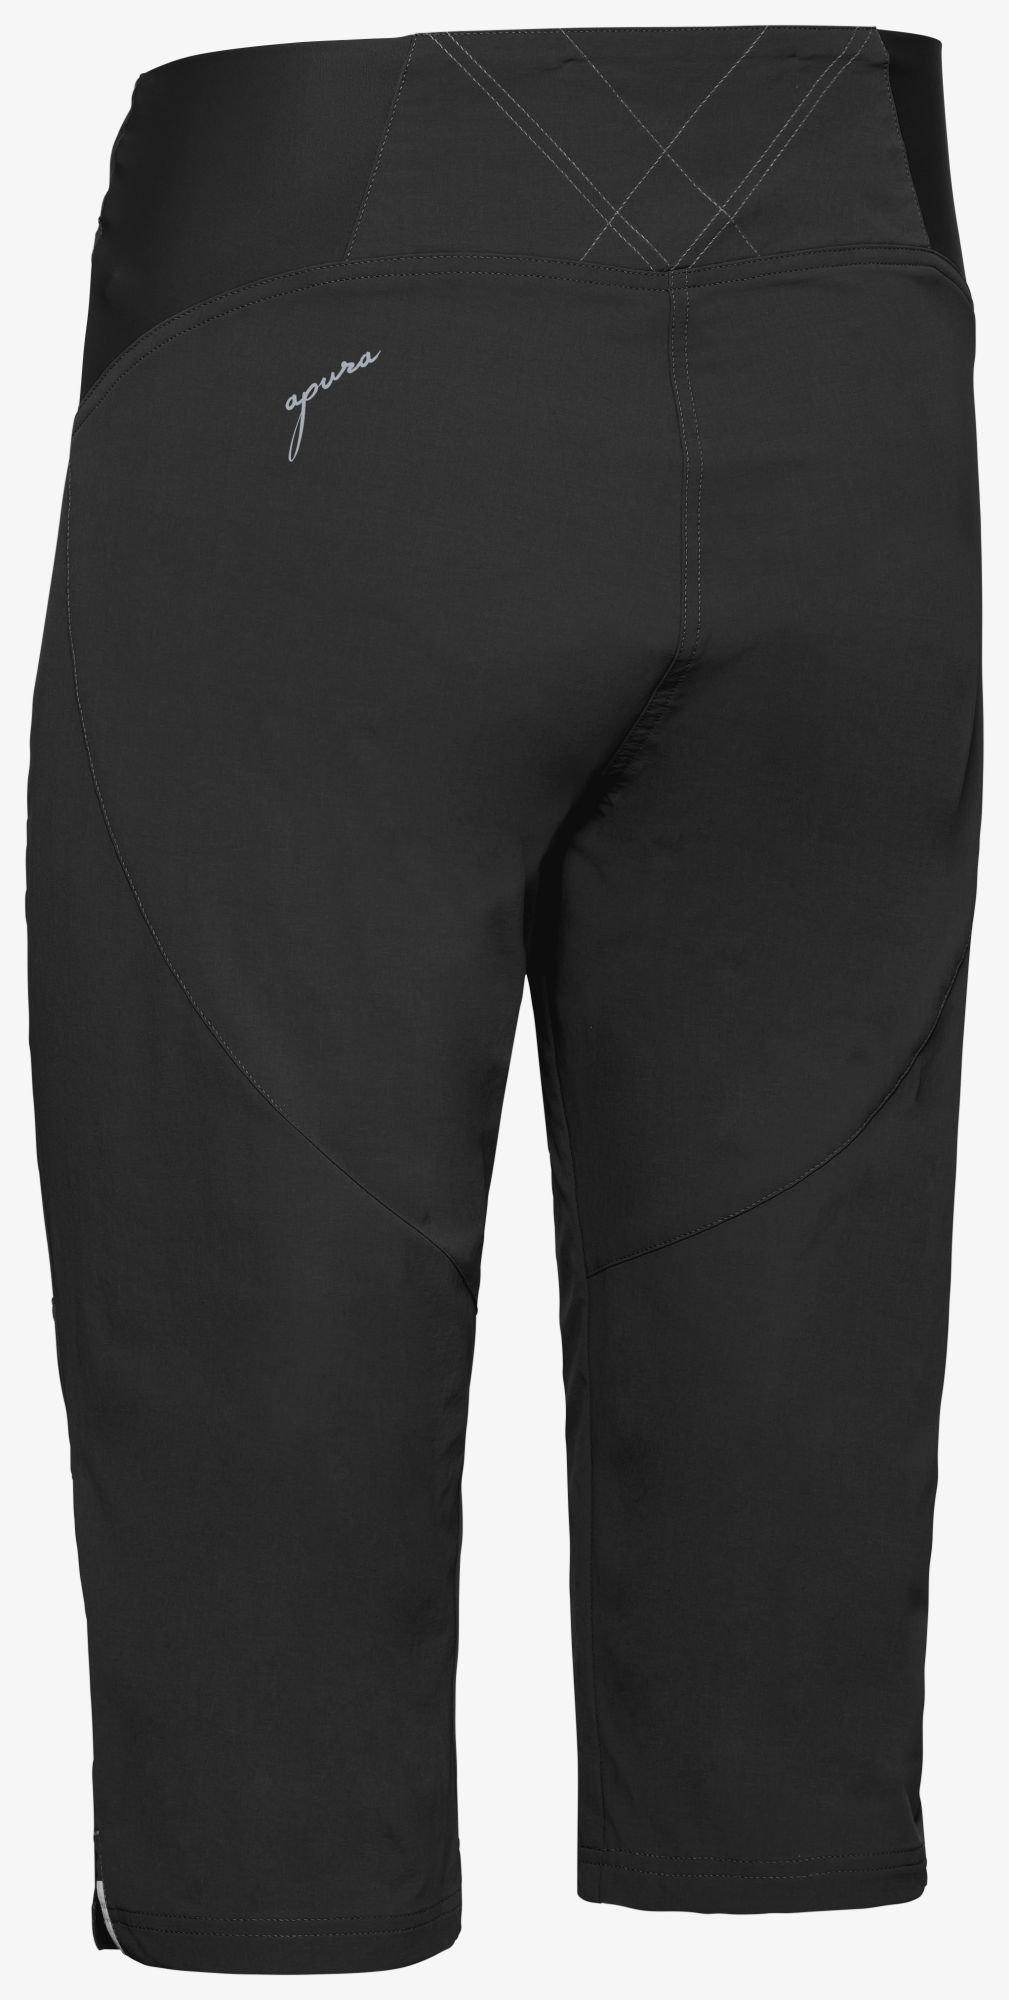 Apura Damen Shorts Idia 3/4